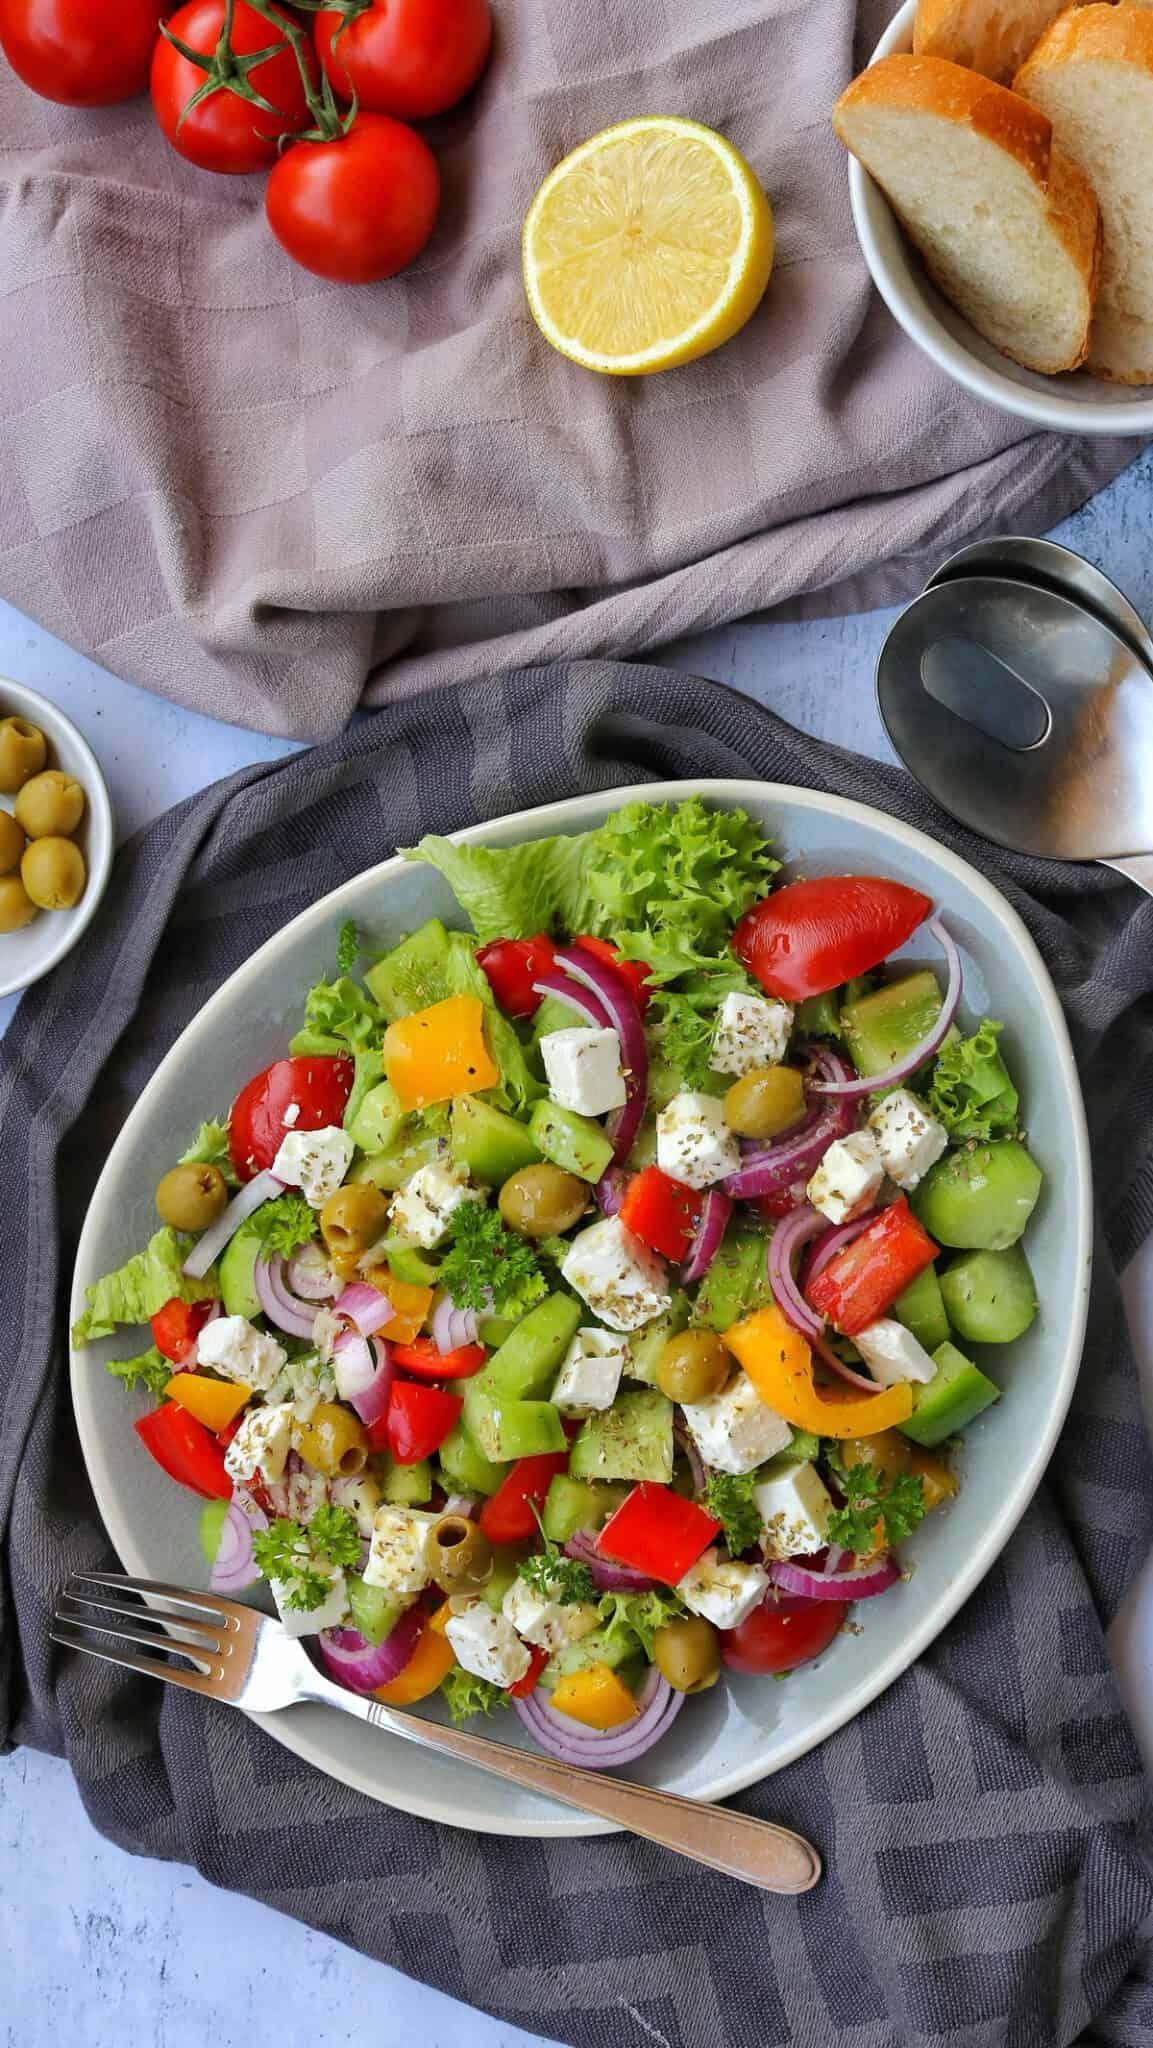 Ein Teller mit griechischem Bauernsalat. Darüber Oliven, Tomaten, Zitrone und Weissbrot als Deko.